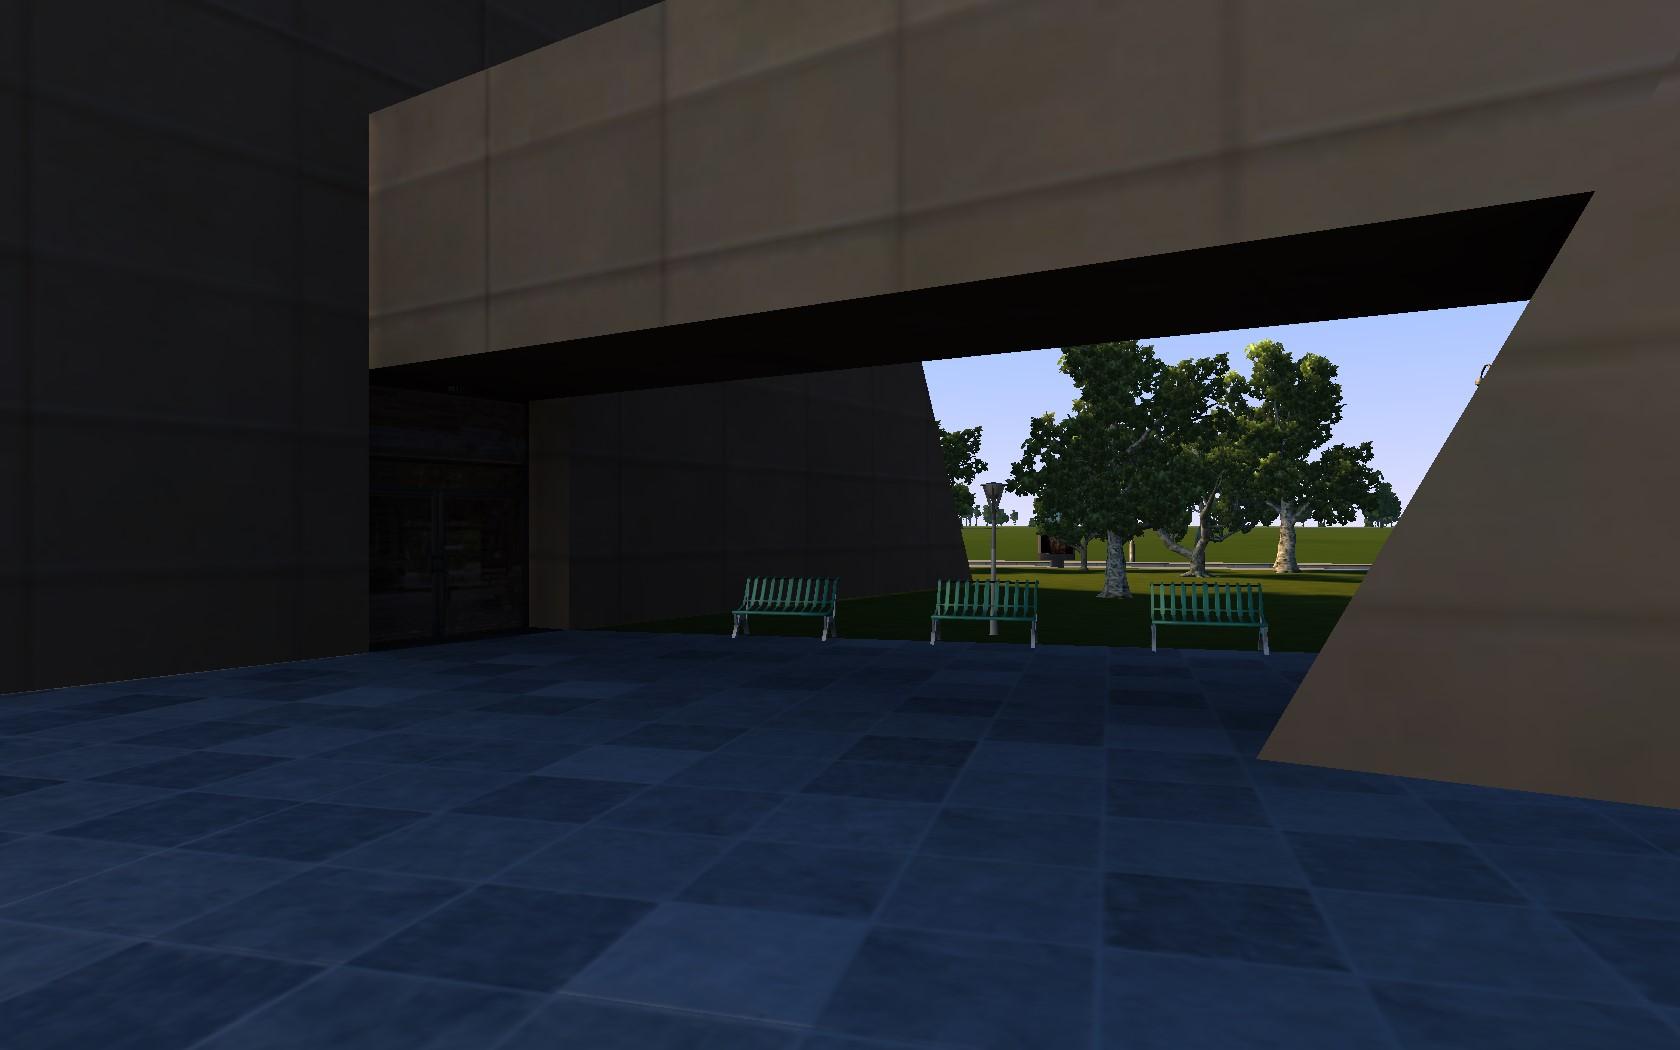 gamescreen0008.jpg